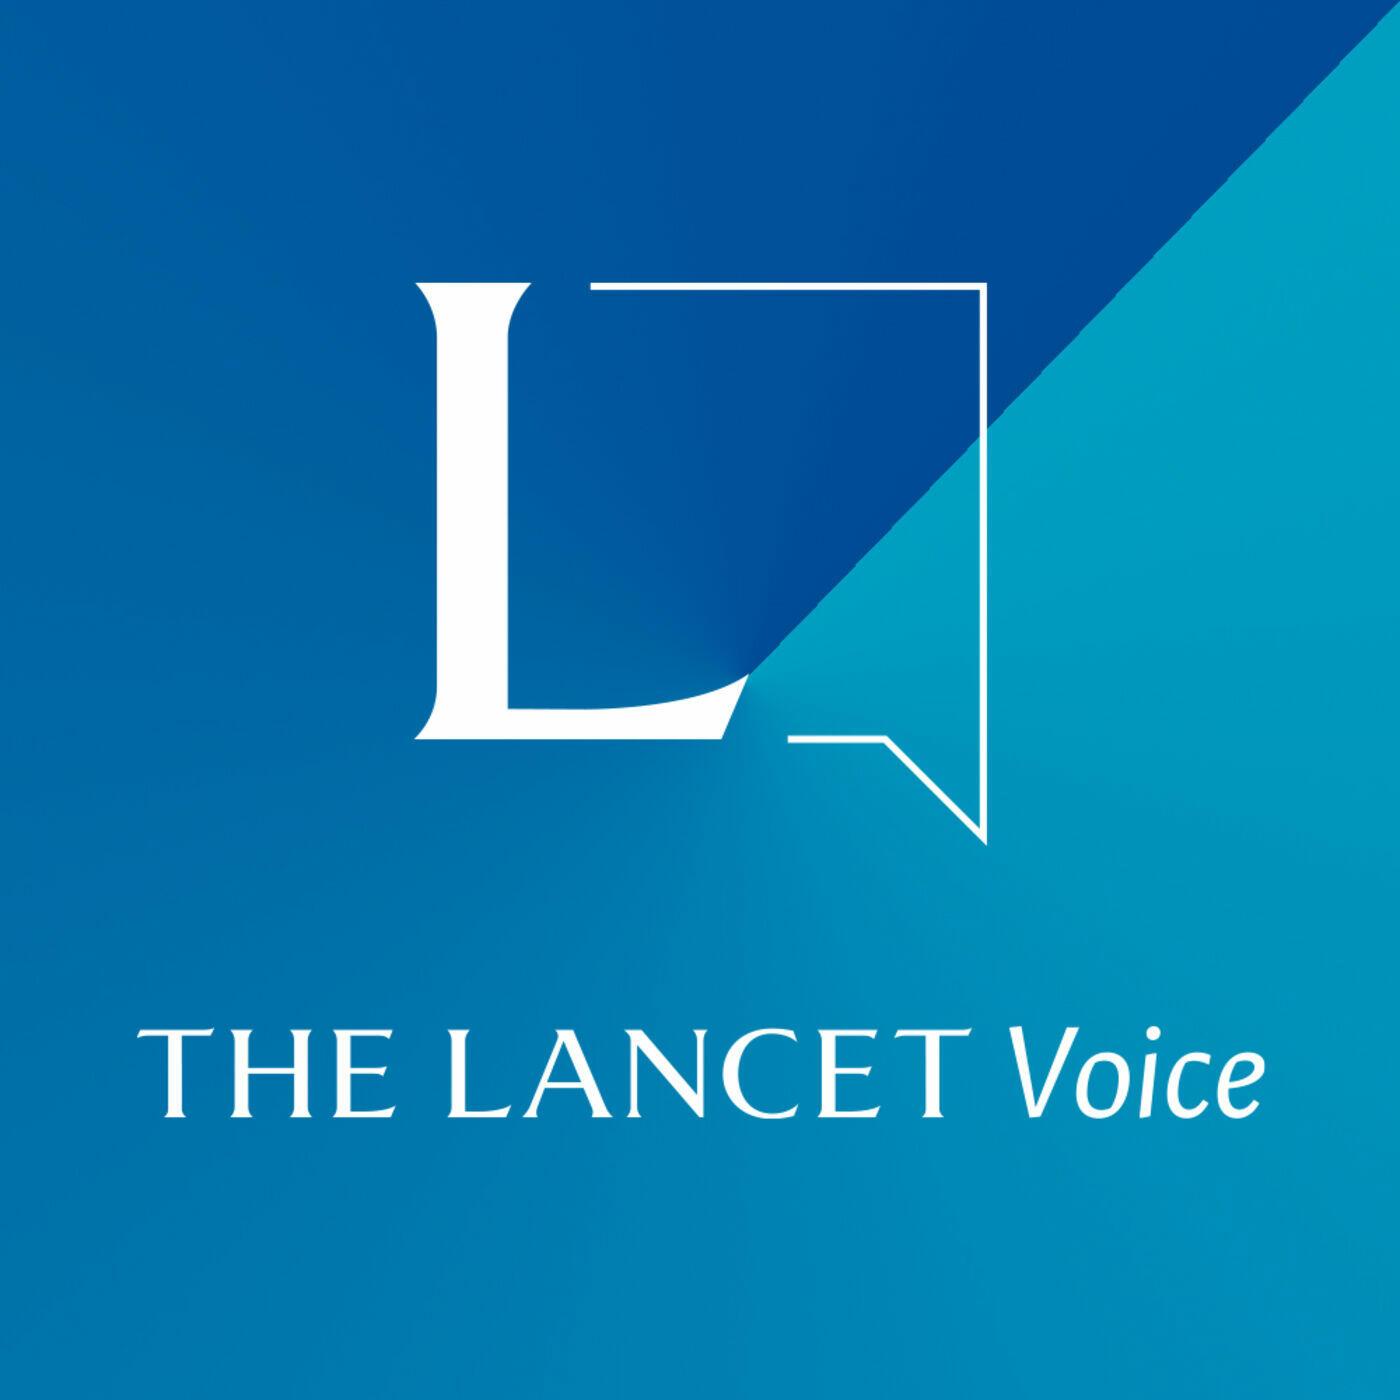 The Lancet Voice